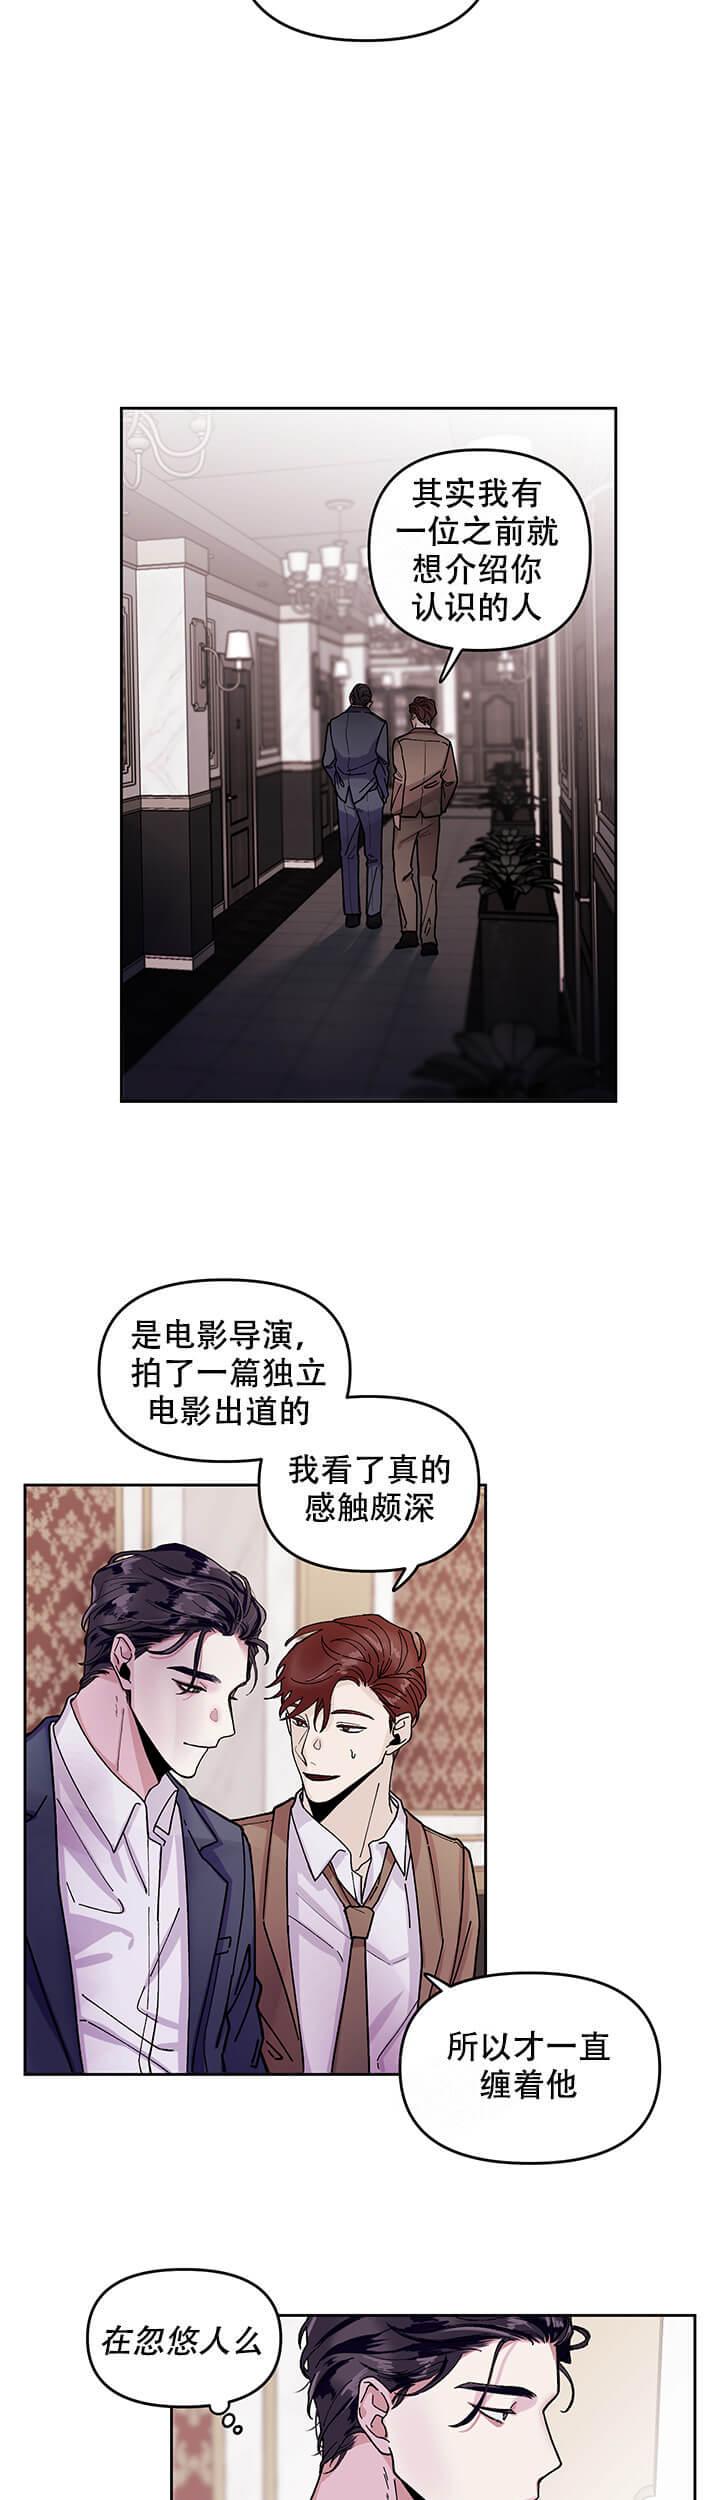 韩漫  《单恋》对一切都失去兴趣,唯独只对攻兴奋  第15张